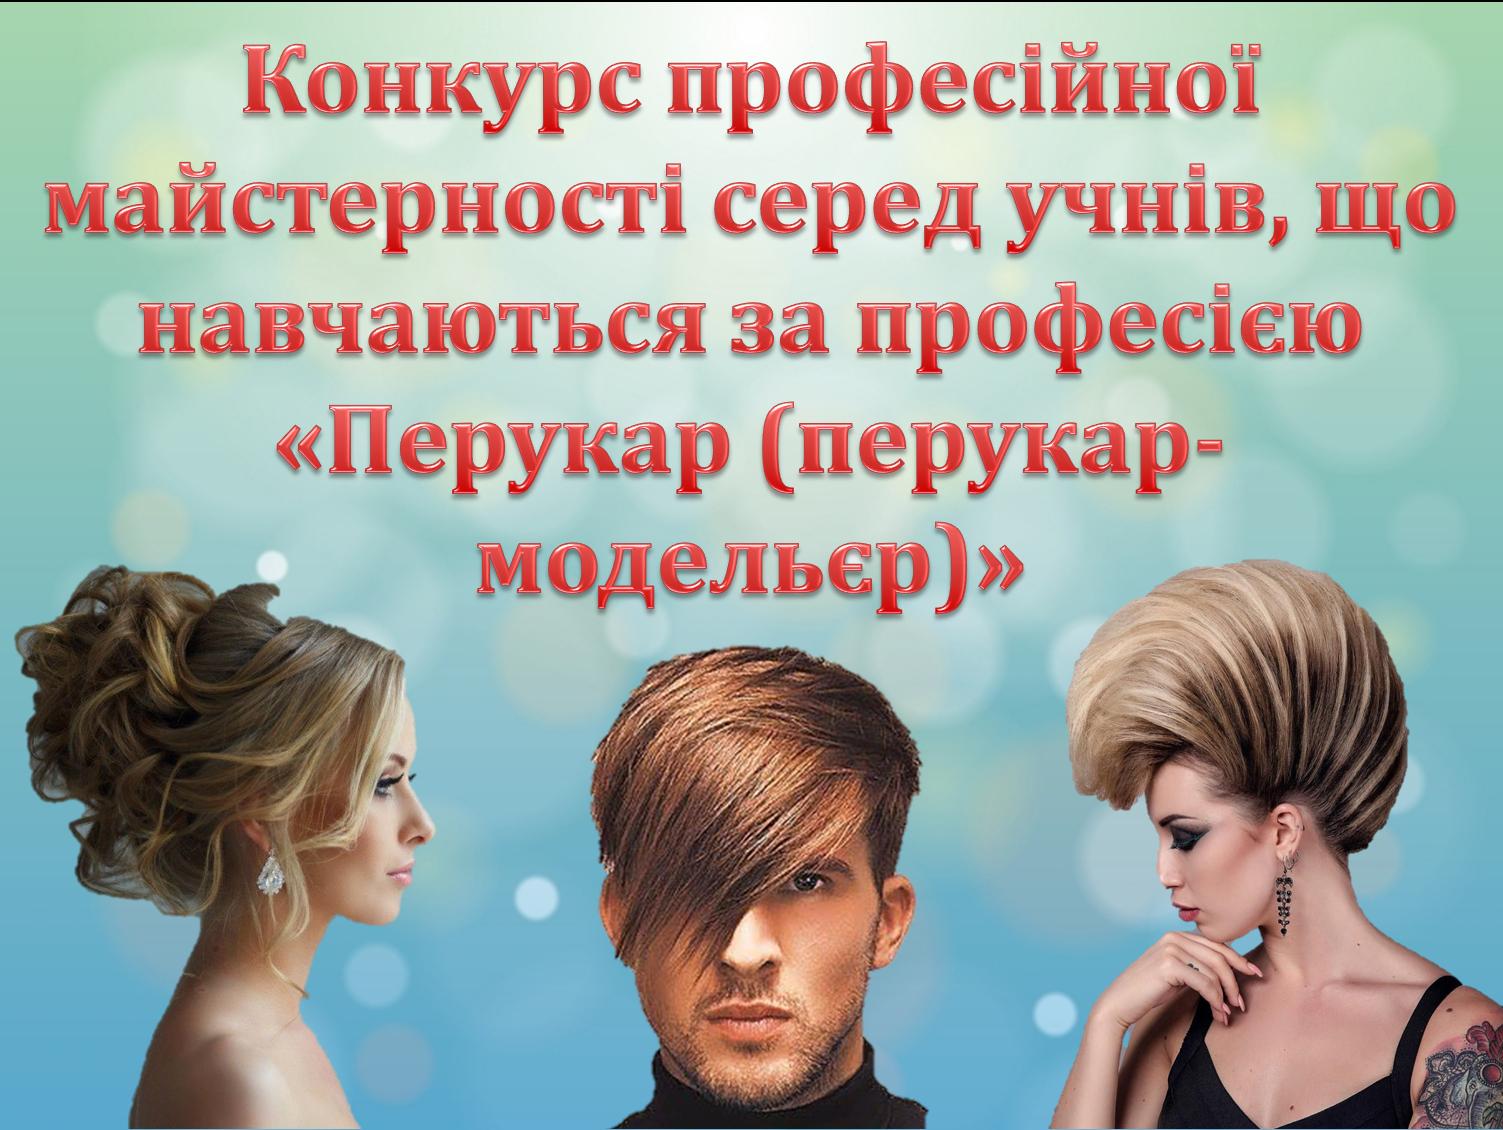 Перший етап конкурсу фахової майстерності з професії «Перукар (перукар-модельєр)»